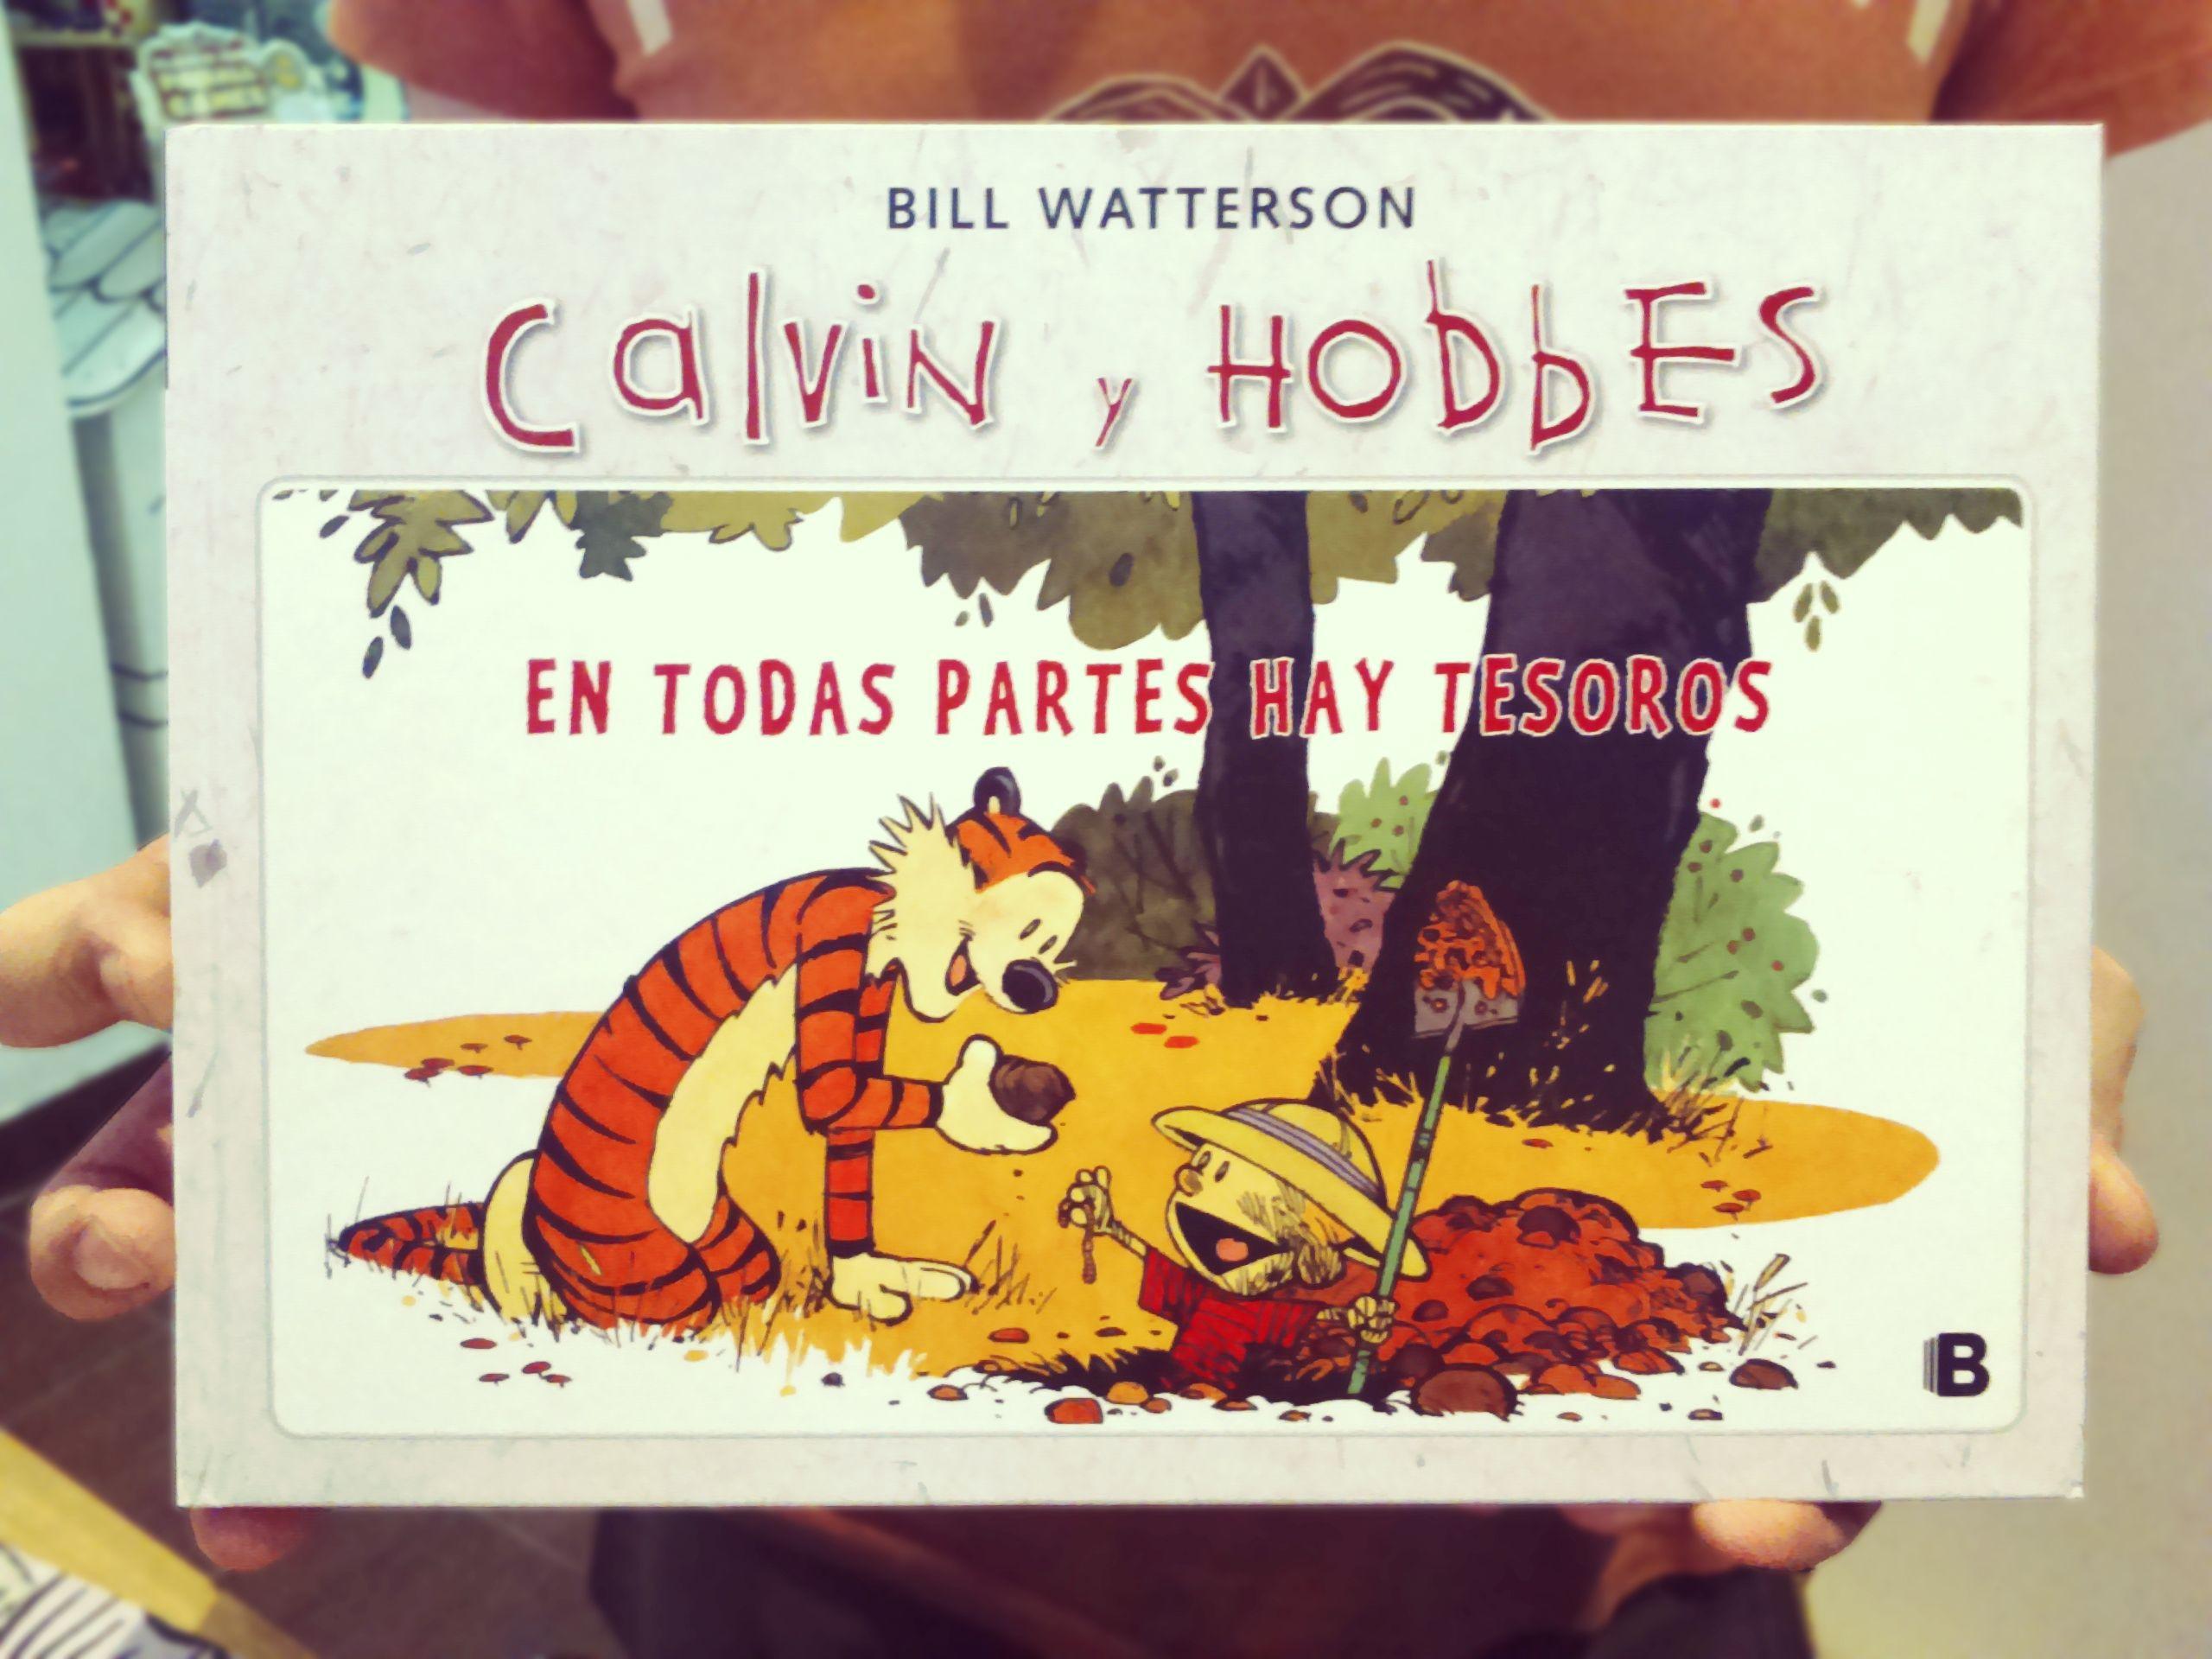 Calvin y Hobbes, en todas partes hay tesoros. Bill Waterson. Ediciones B.